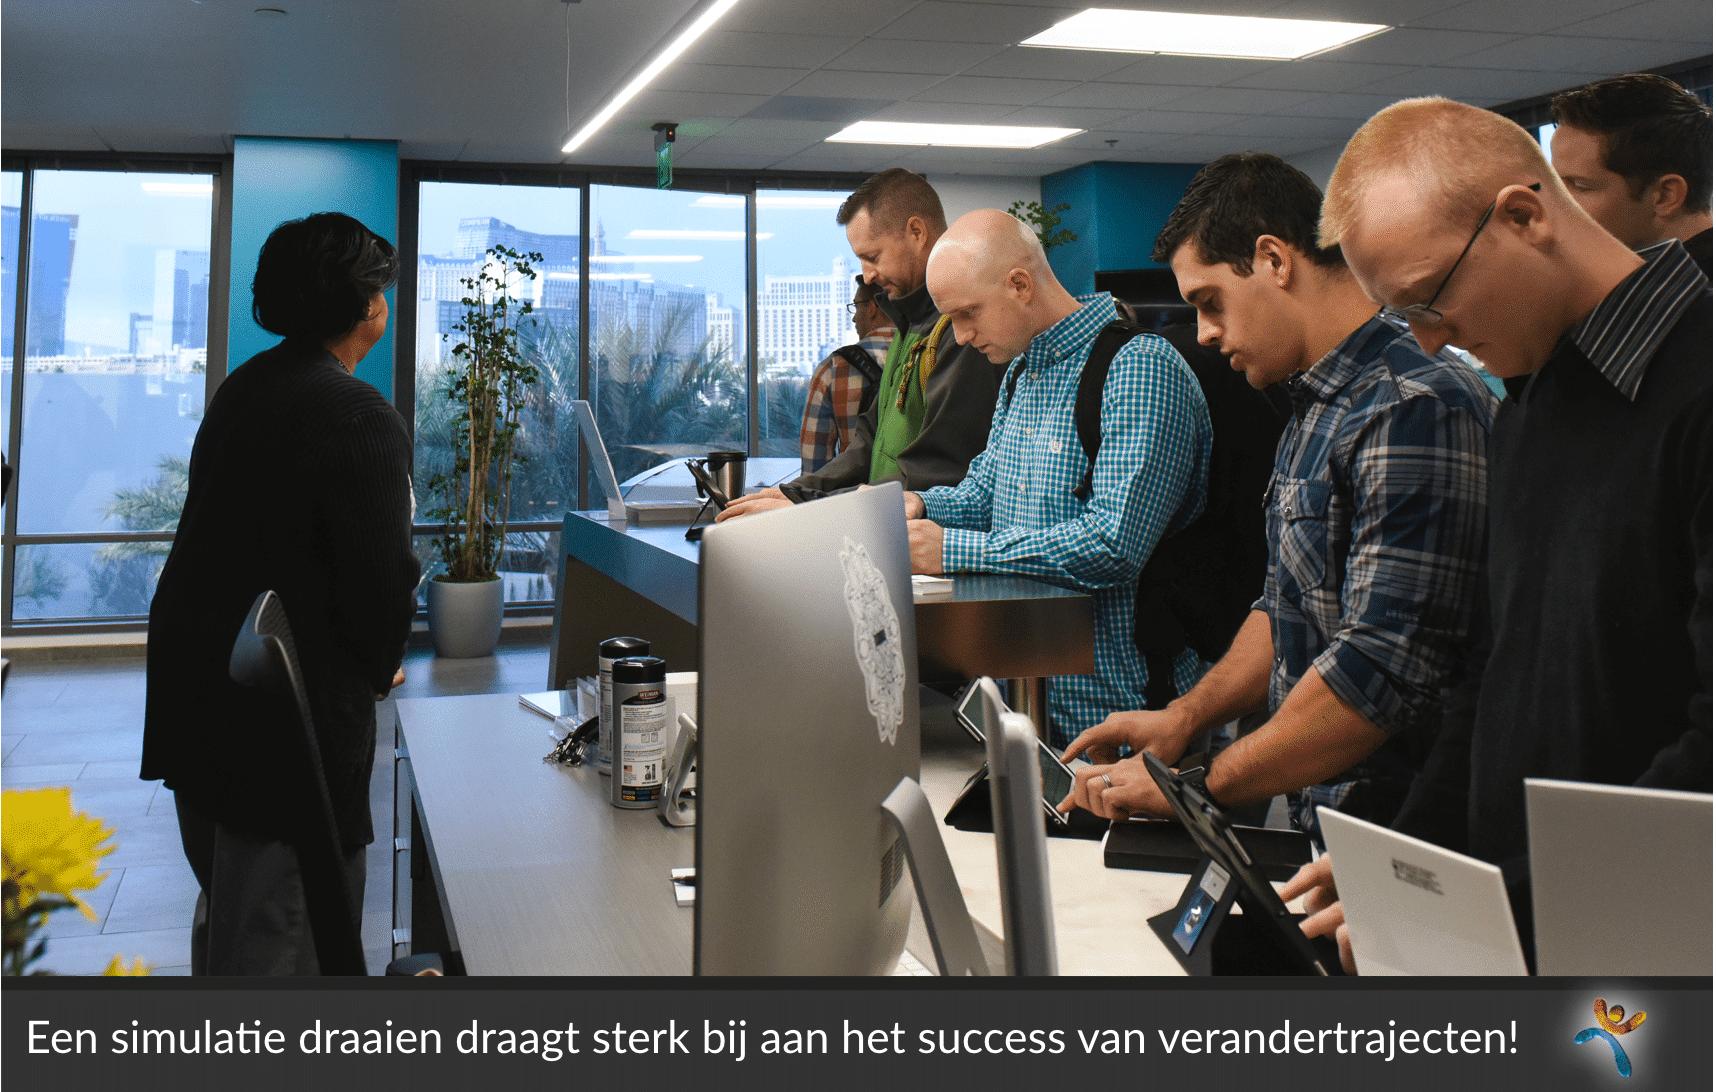 DiVetro heeft een succesvol format om met een groep ICT'ers te oefenen met nieuwe processen in de vorm van een simulatie. Transities lopen hierdoor soepeler